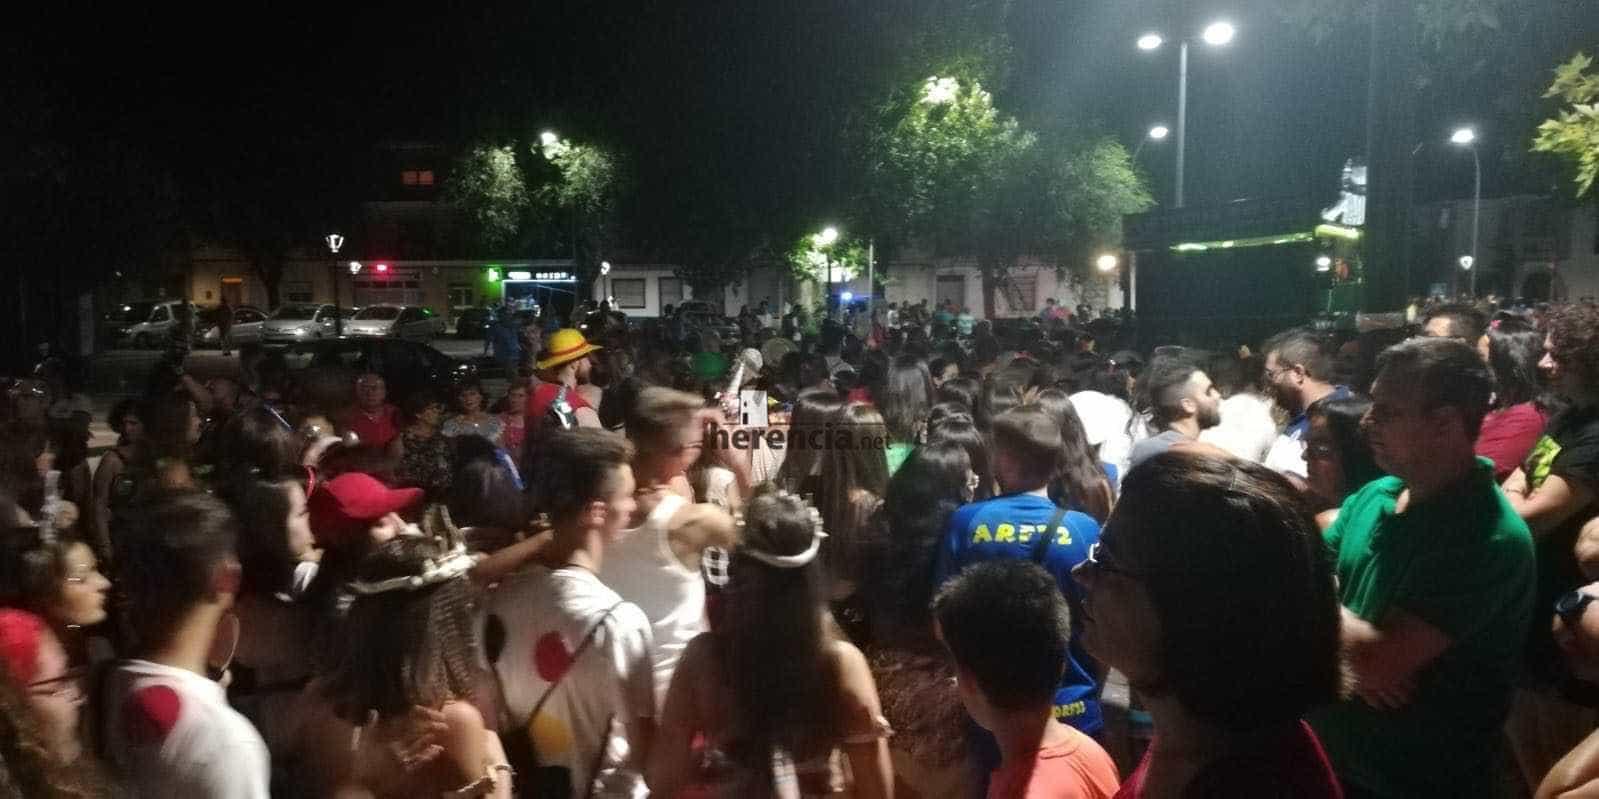 Carnaval de herencia 2019 galeria 13 - Galería de fotografías del Carnaval de Verano 2019